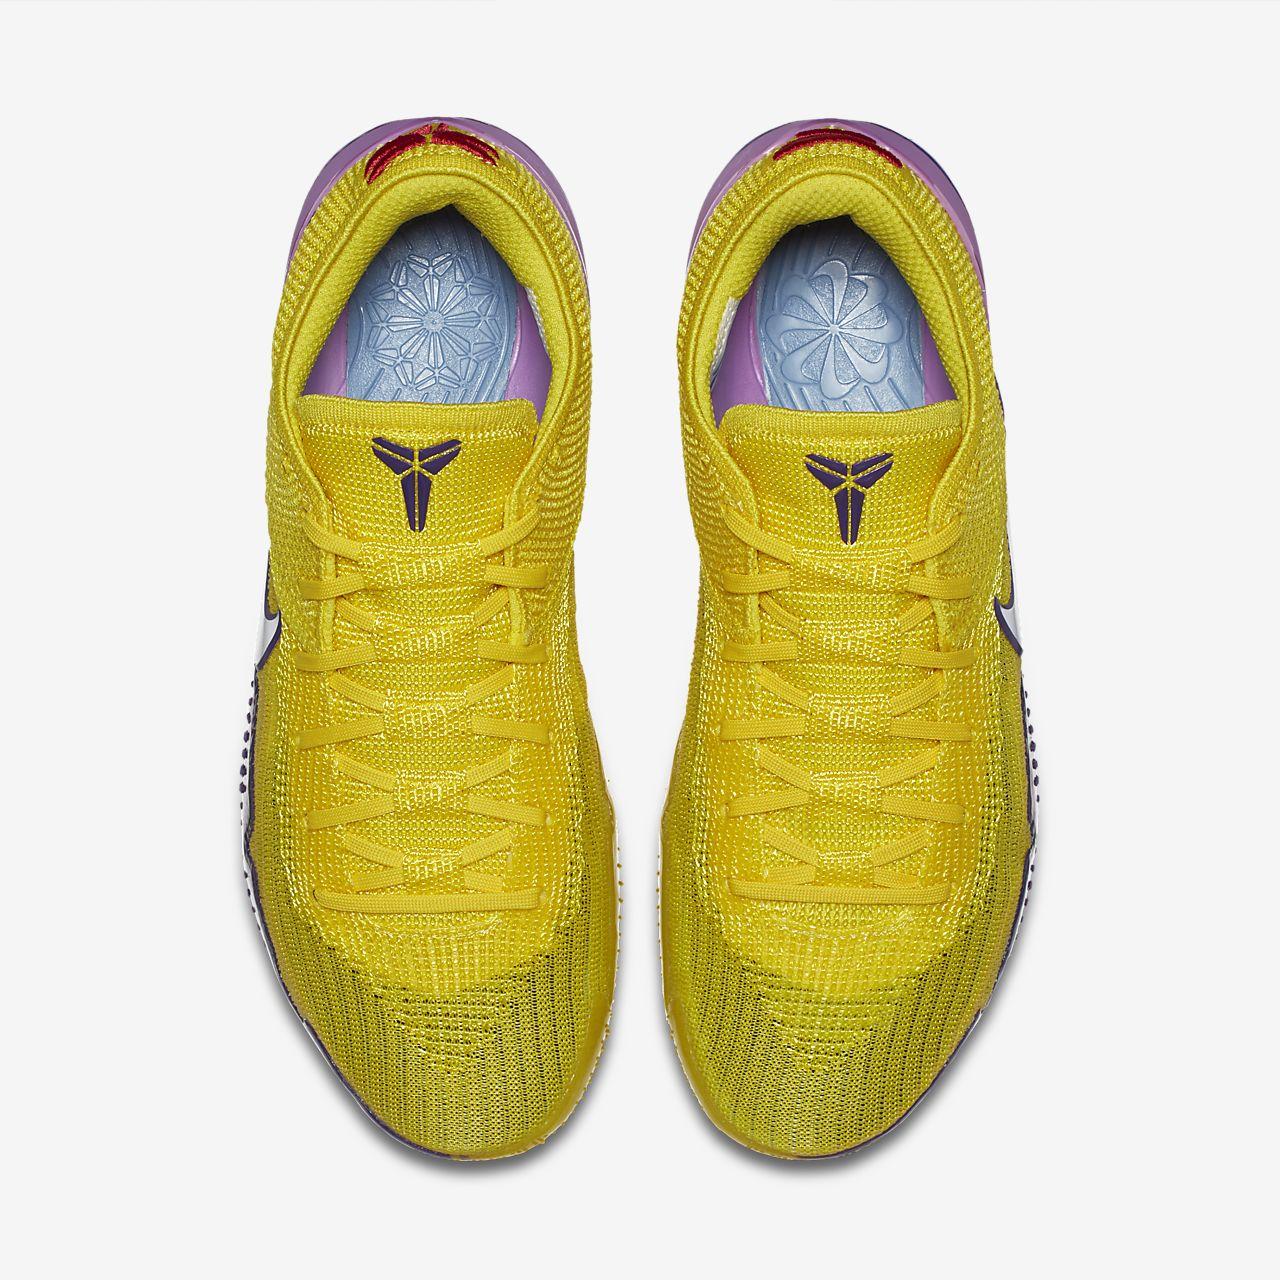 486d06e940f7 Kobe A.D. NXT 360 Basketball Shoe. Nike.com SE